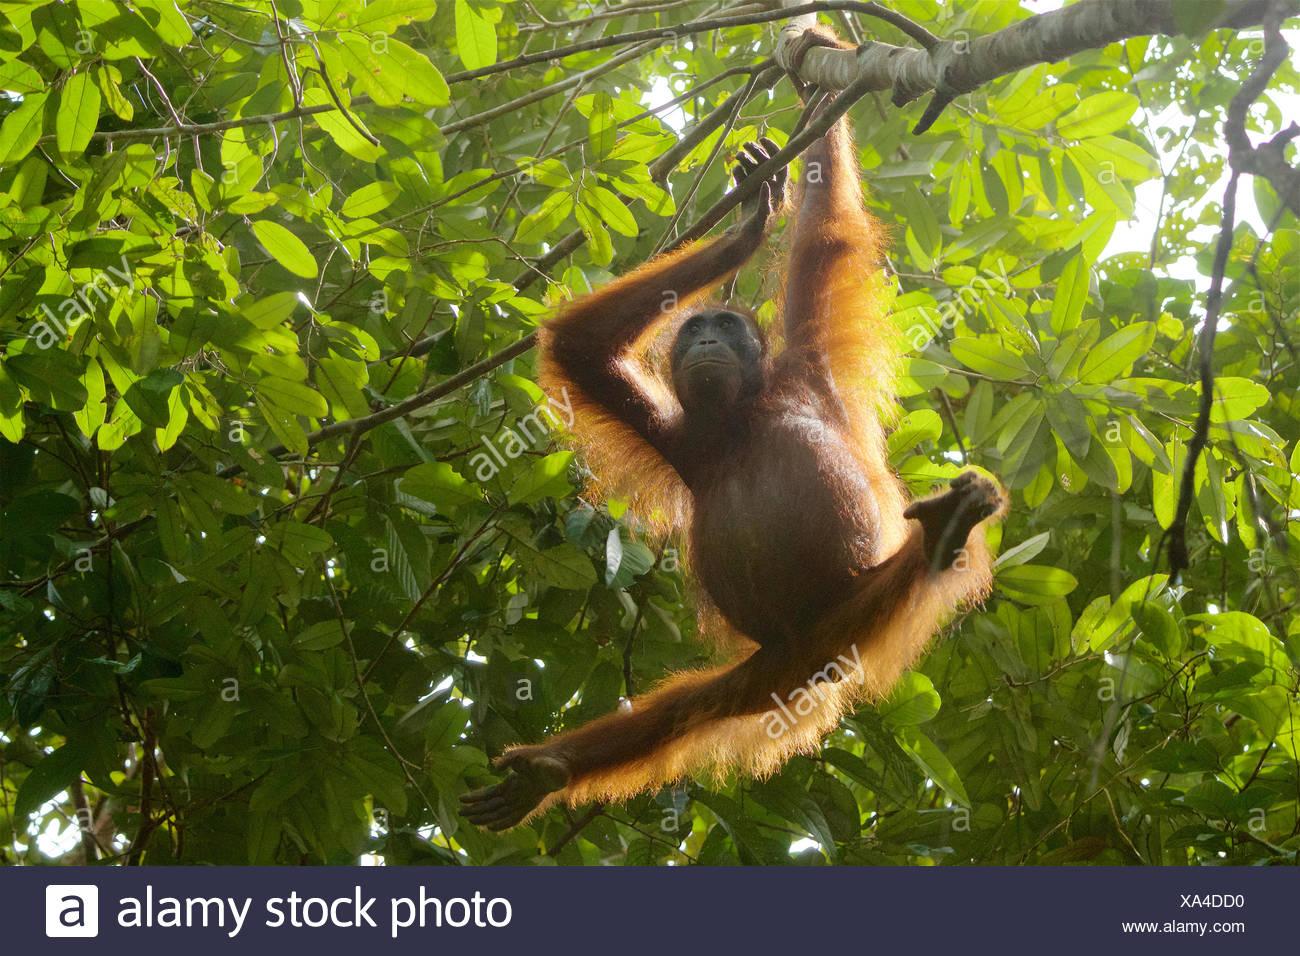 Ein Erwachsener weiblicher Orang-Utan, Pongo Pygmaeus Wurmbii, hängt an einem Baum im Gunung Palung Nationalpark. Stockbild